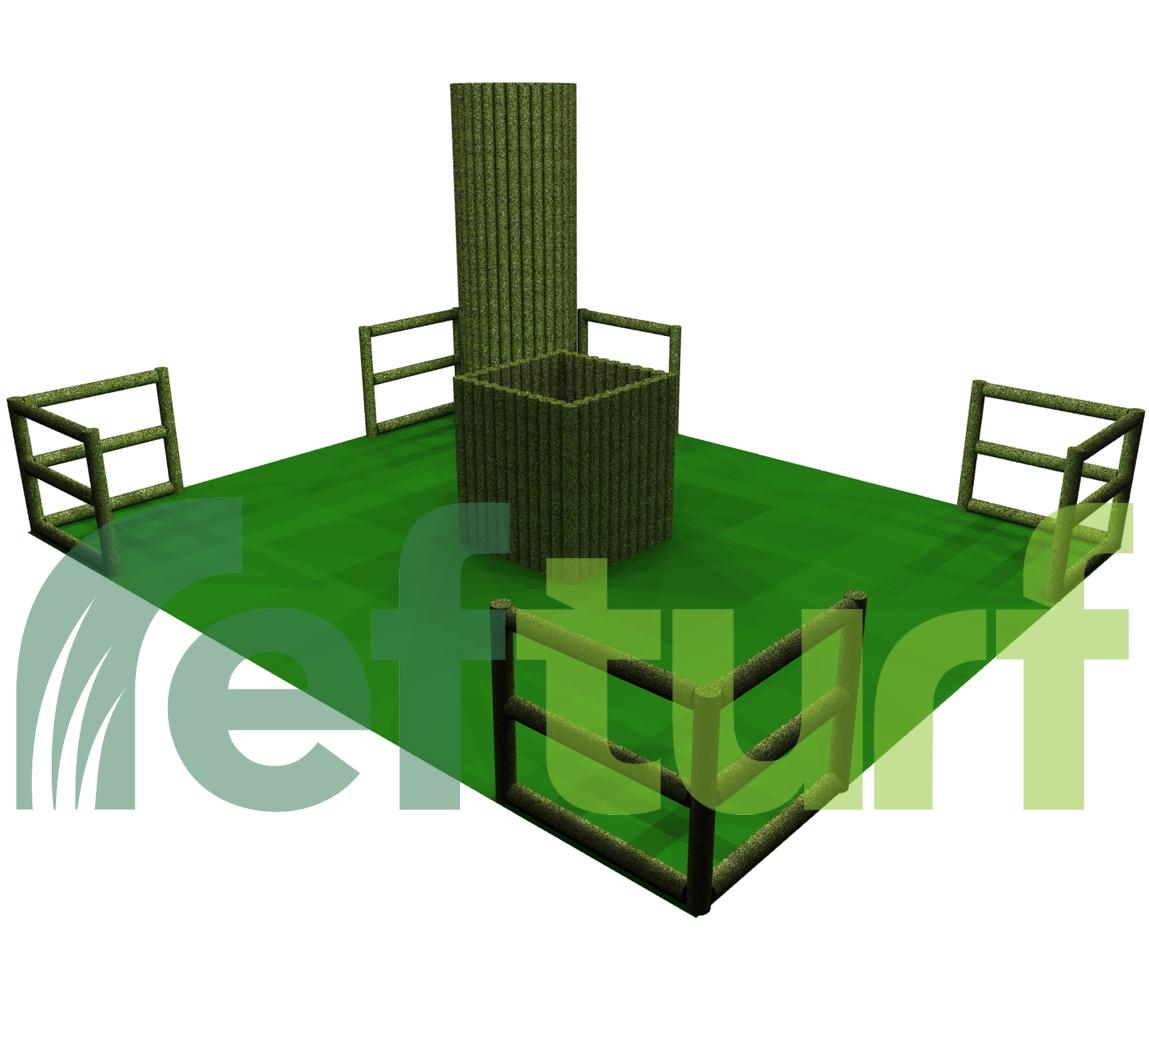 çim stand, çim halı, çim halı örneği, çim halı örnekleri, 3d sentetik çim, çim fuar standı,